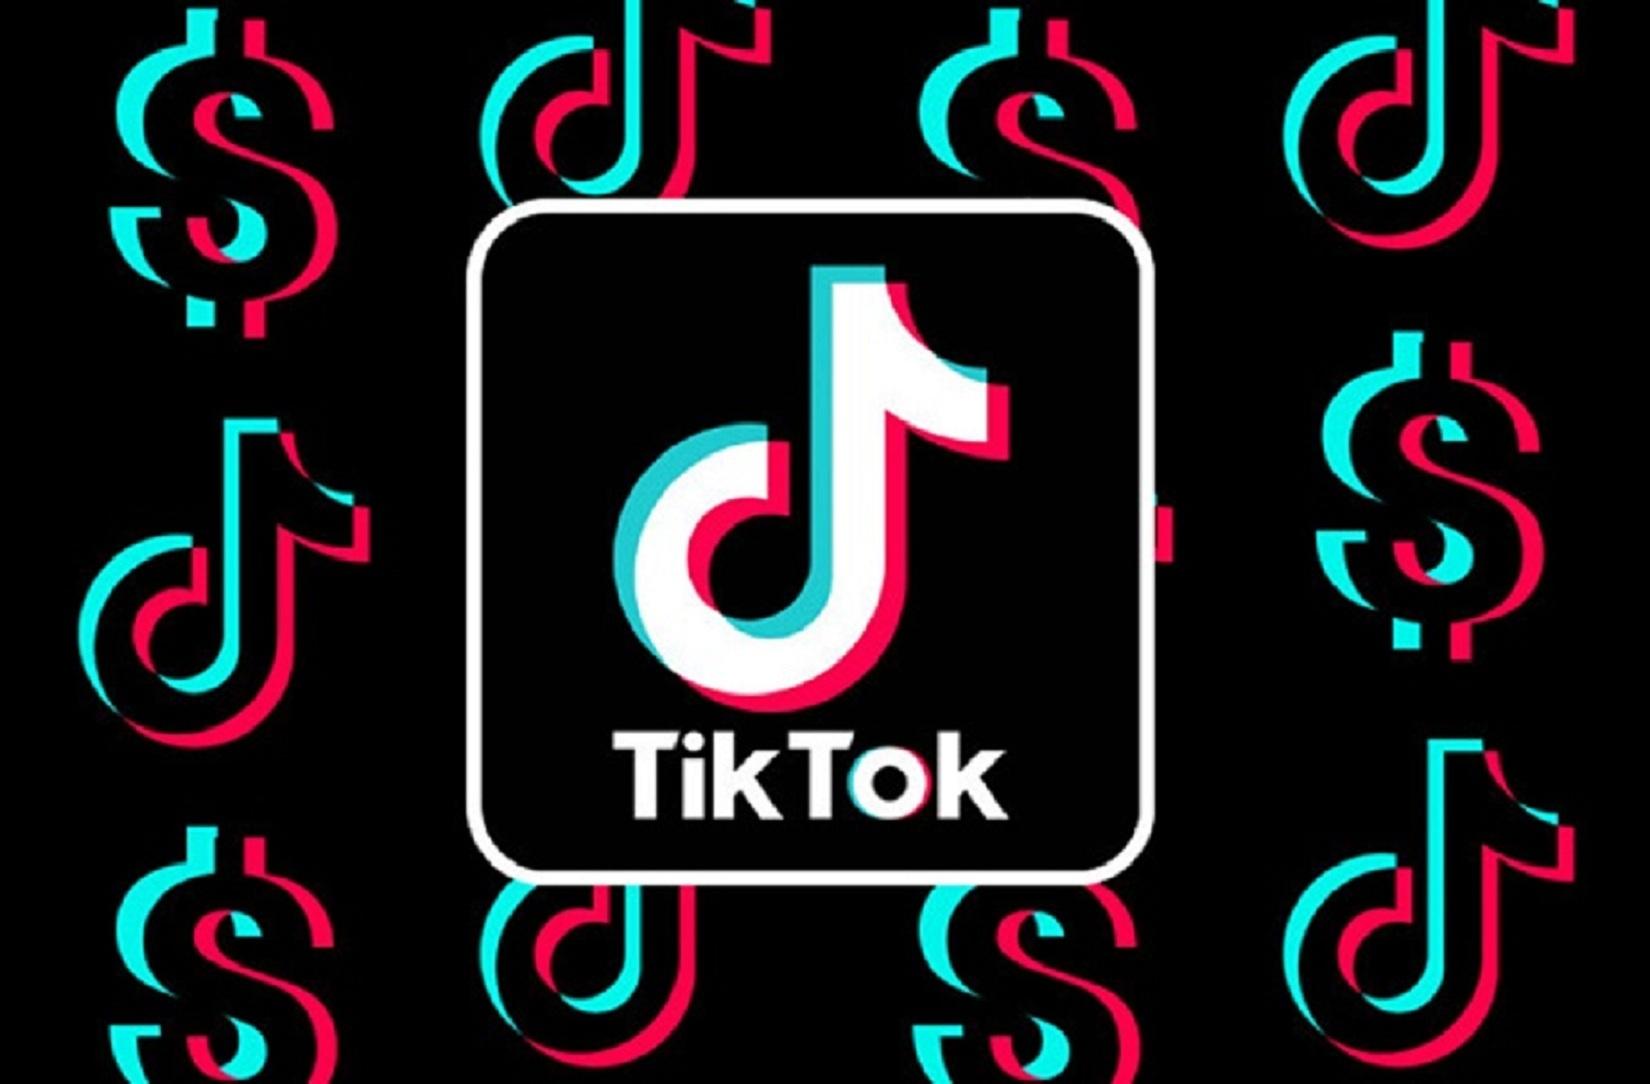 Популярную соцсеть TikTok хотят оштрафовать на 1,4 миллиарда евро за недостаточную защиту детей